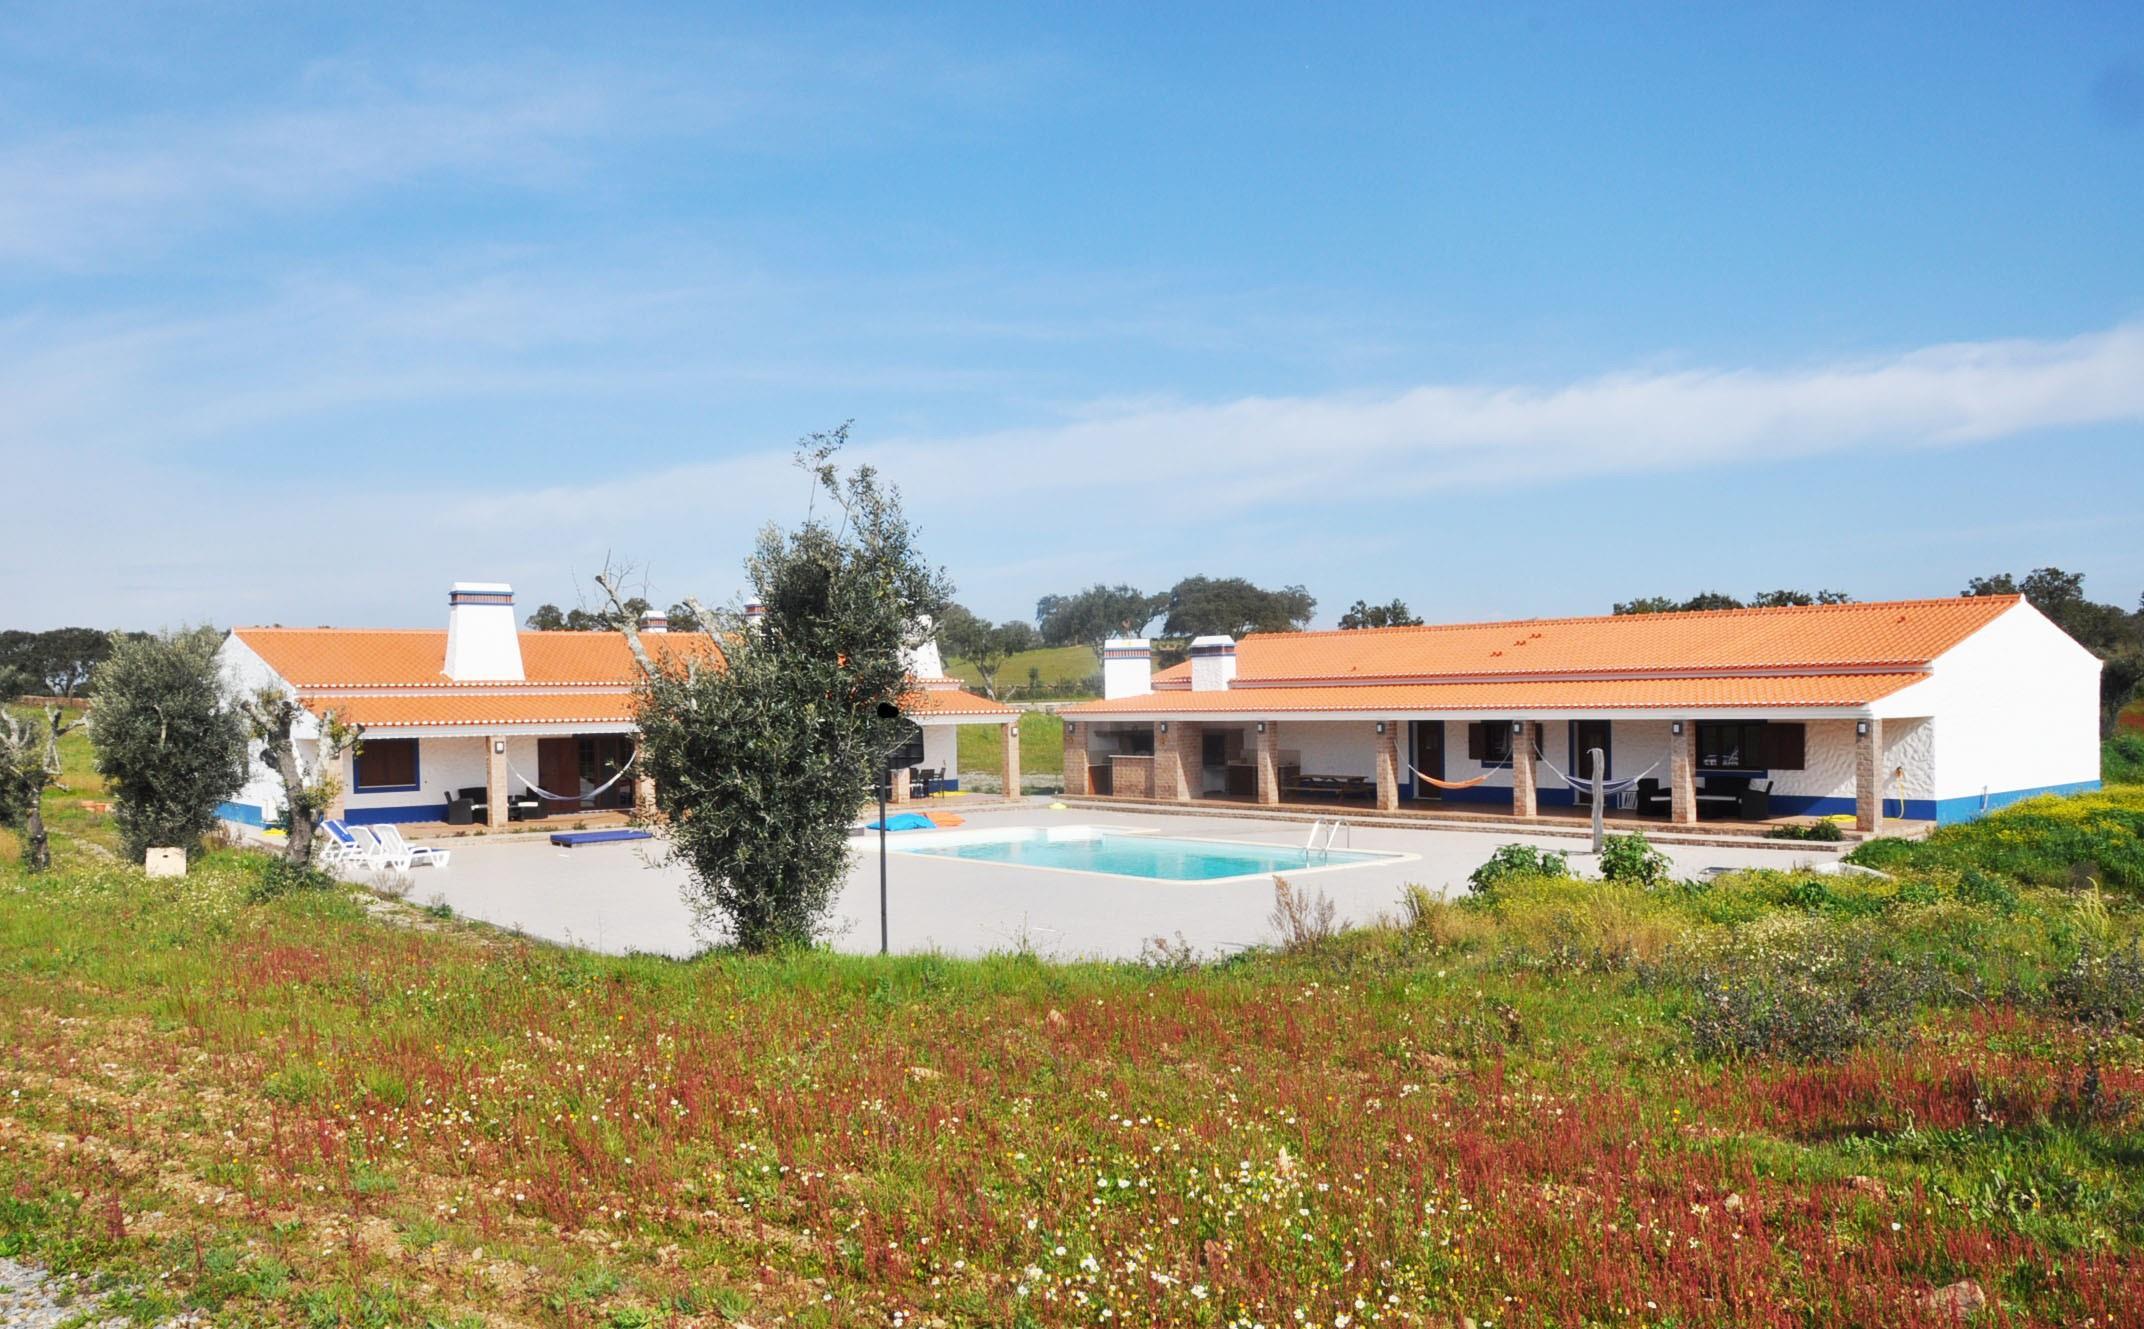 Fazenda / Rancho / Plantação para Venda às Small Farm, 3 bedrooms, for Sale Ourique, Beja, 7670-201 Portugal